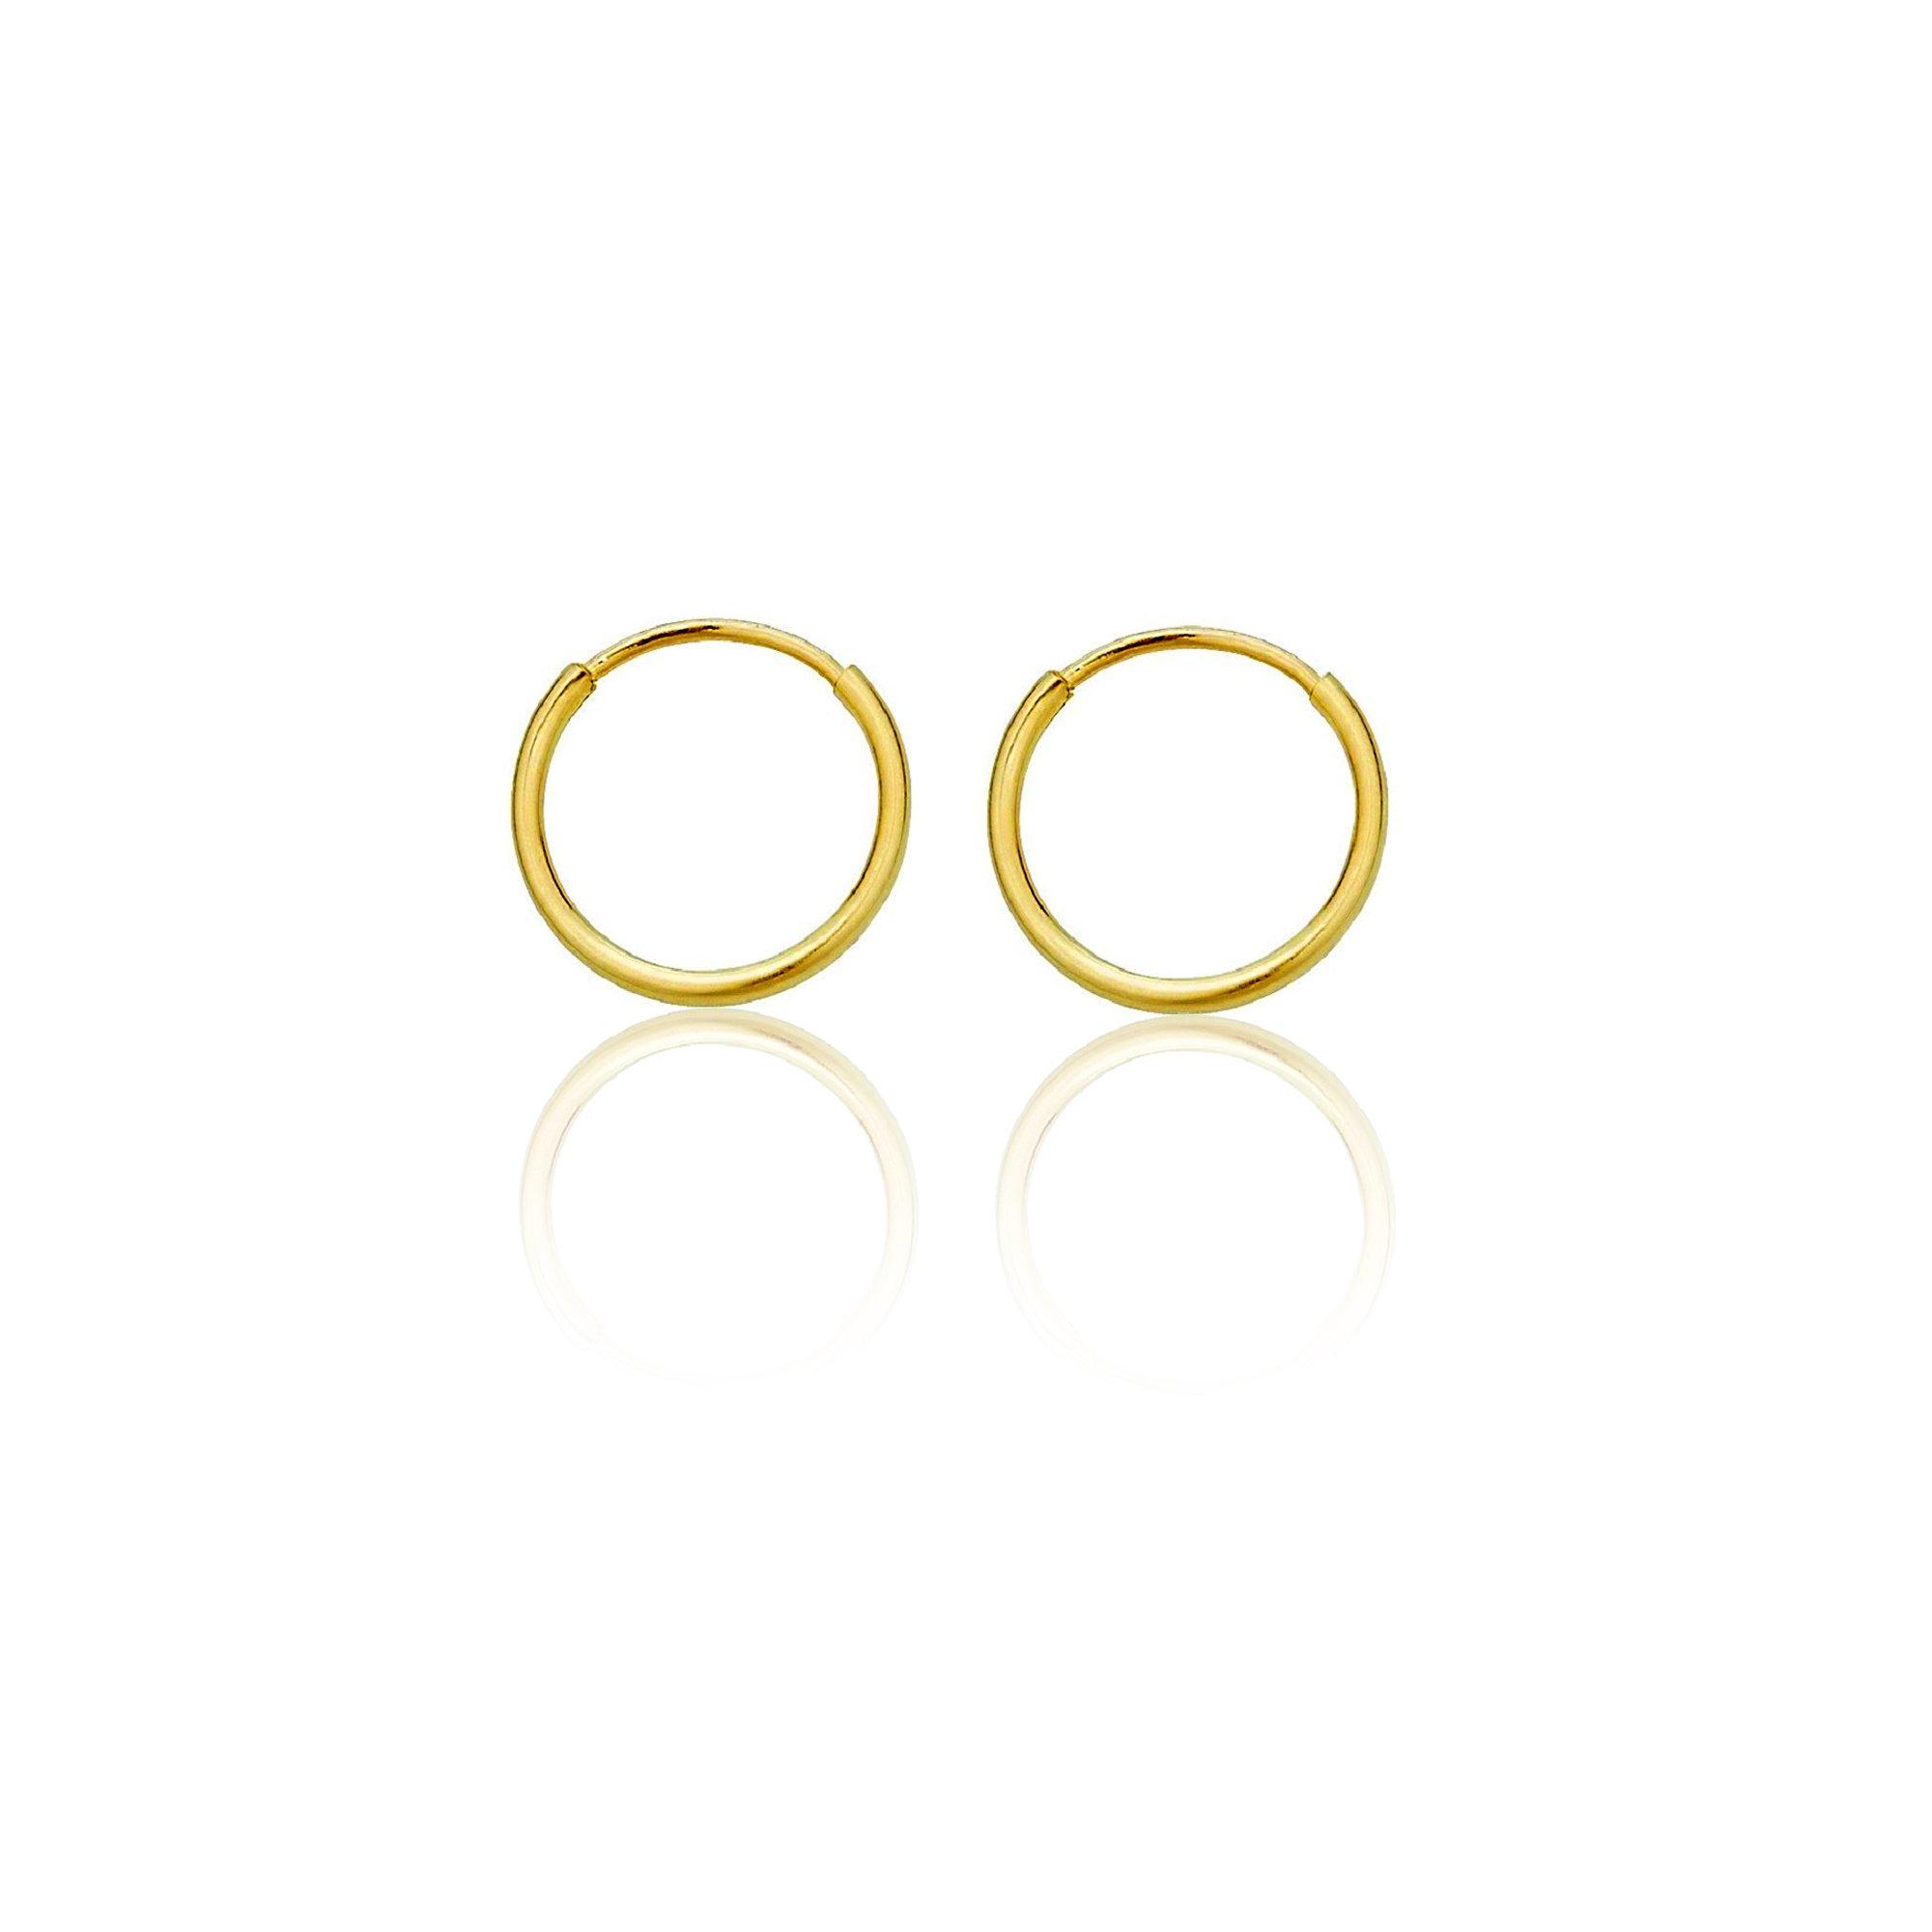 14K Gold Yellow Endless Hoop Earrings